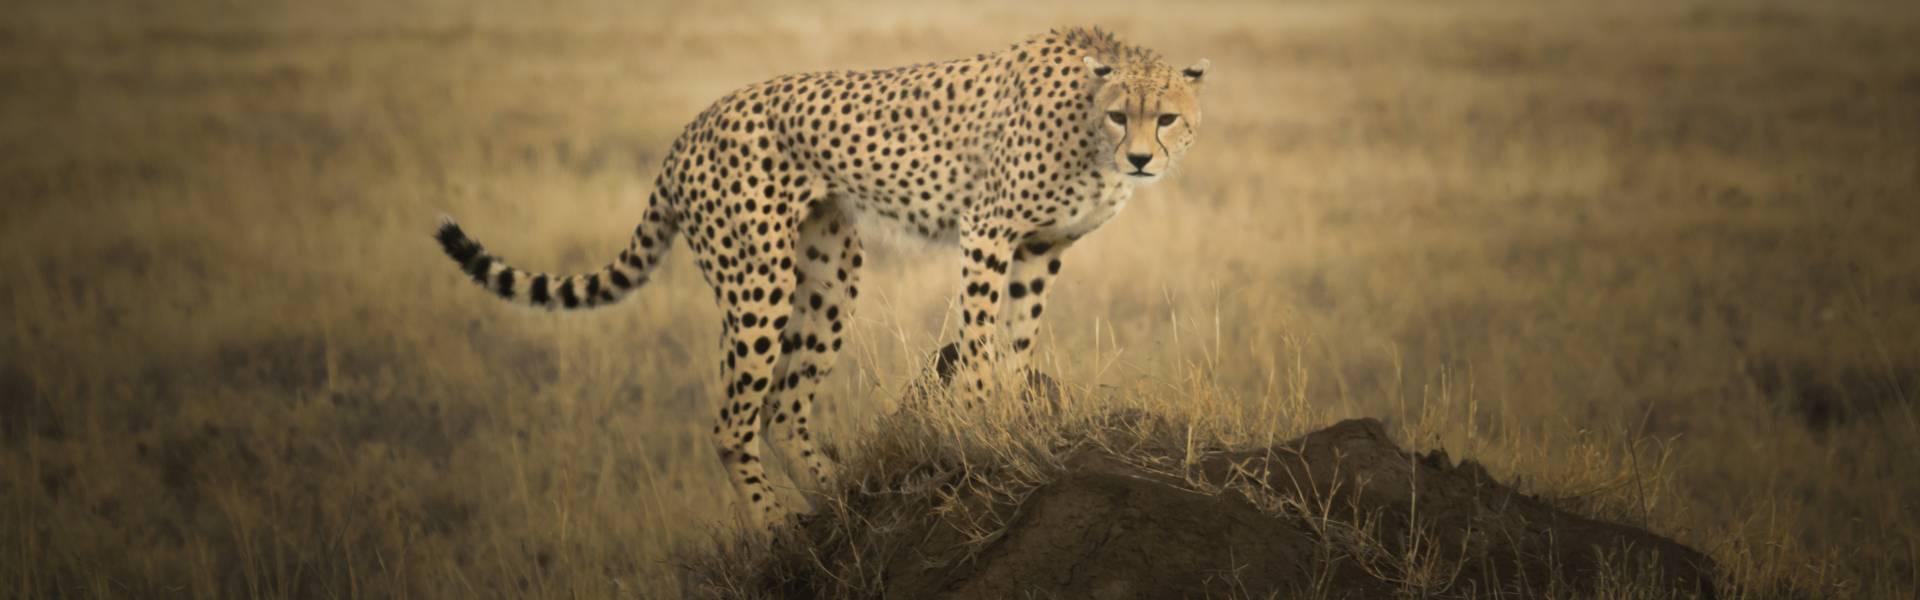 A cheetah perches on a mound in the Serengeti Tanzania.